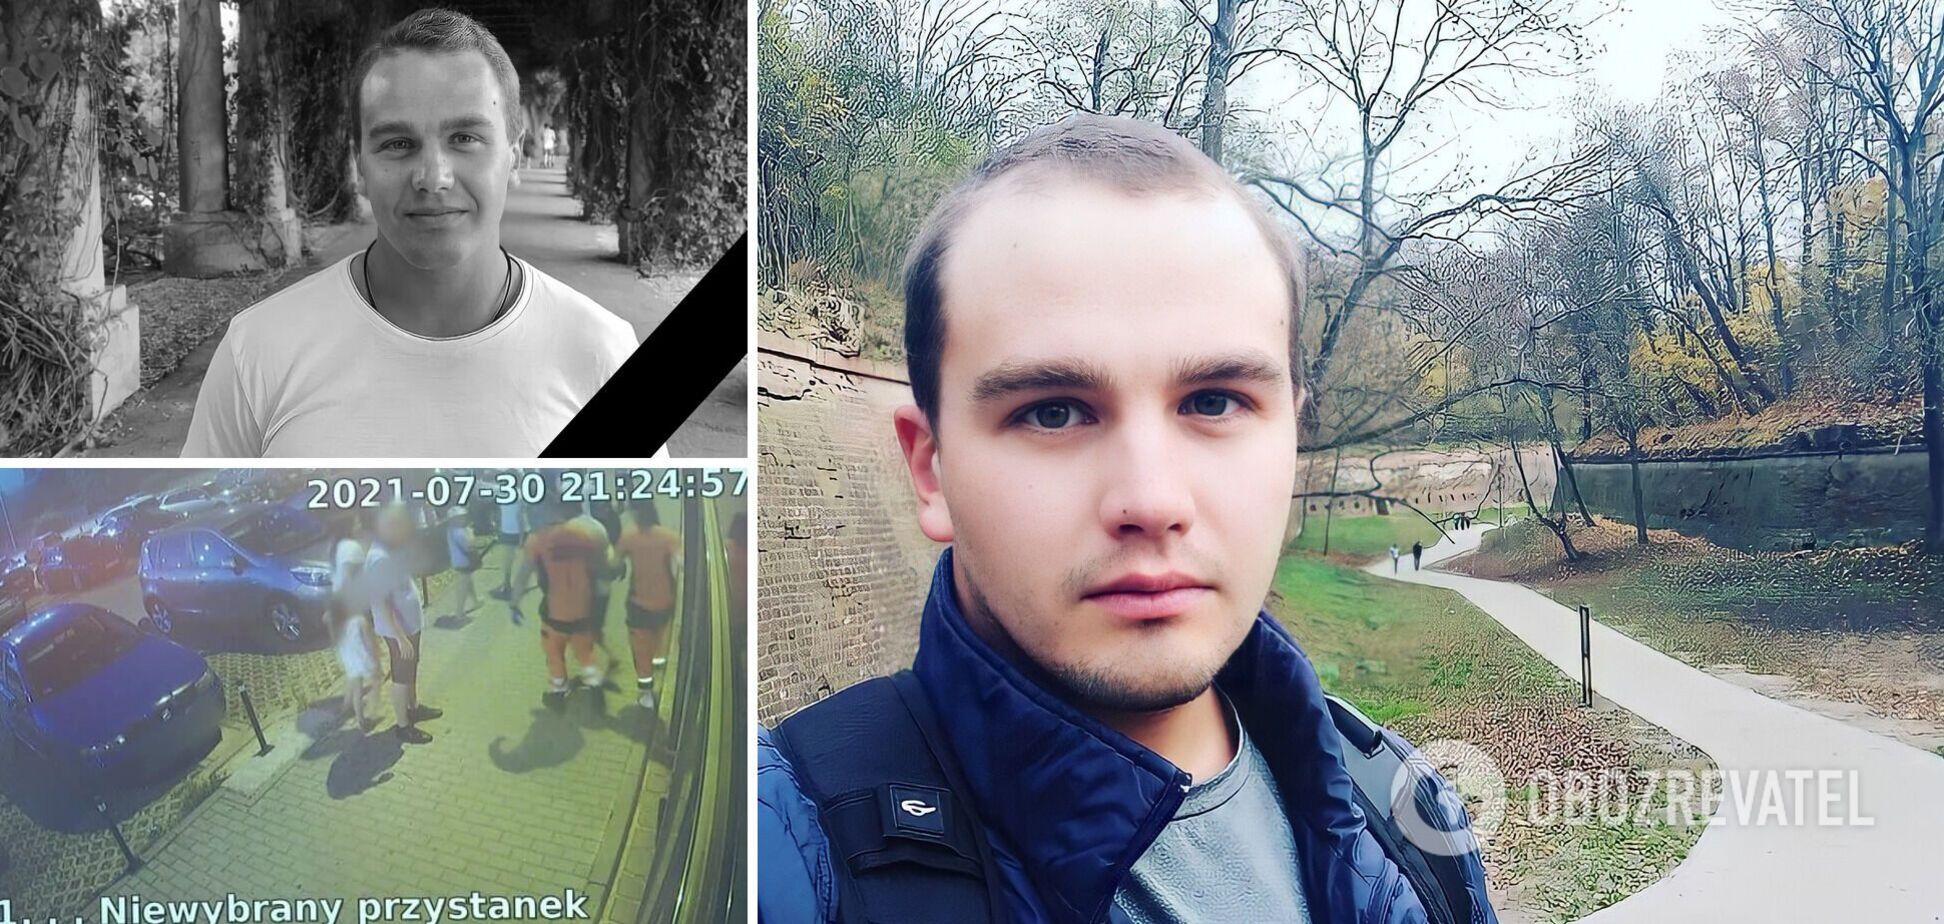 Били кулаками, дубинками, распыляли газ: украинец умер после издевательств полицейских в Польше